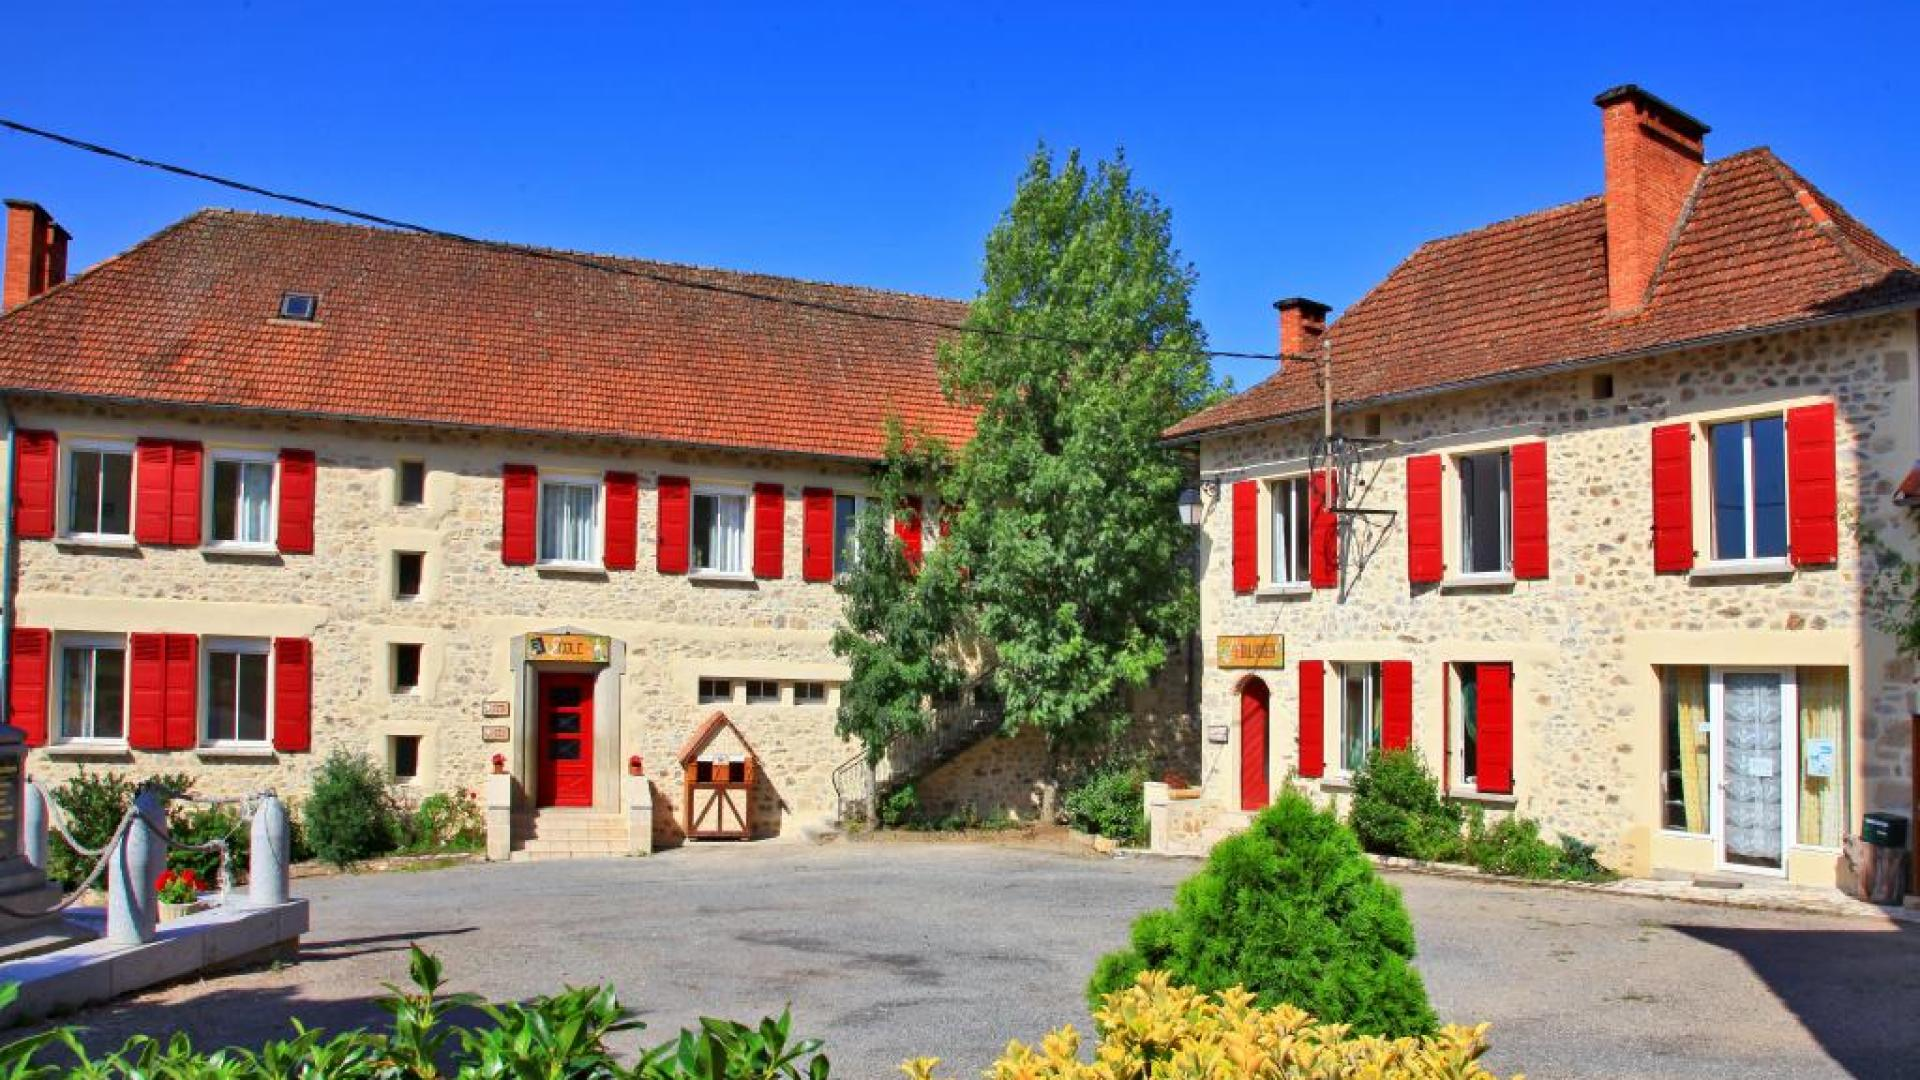 Ecole Boulangerie Village Vacances